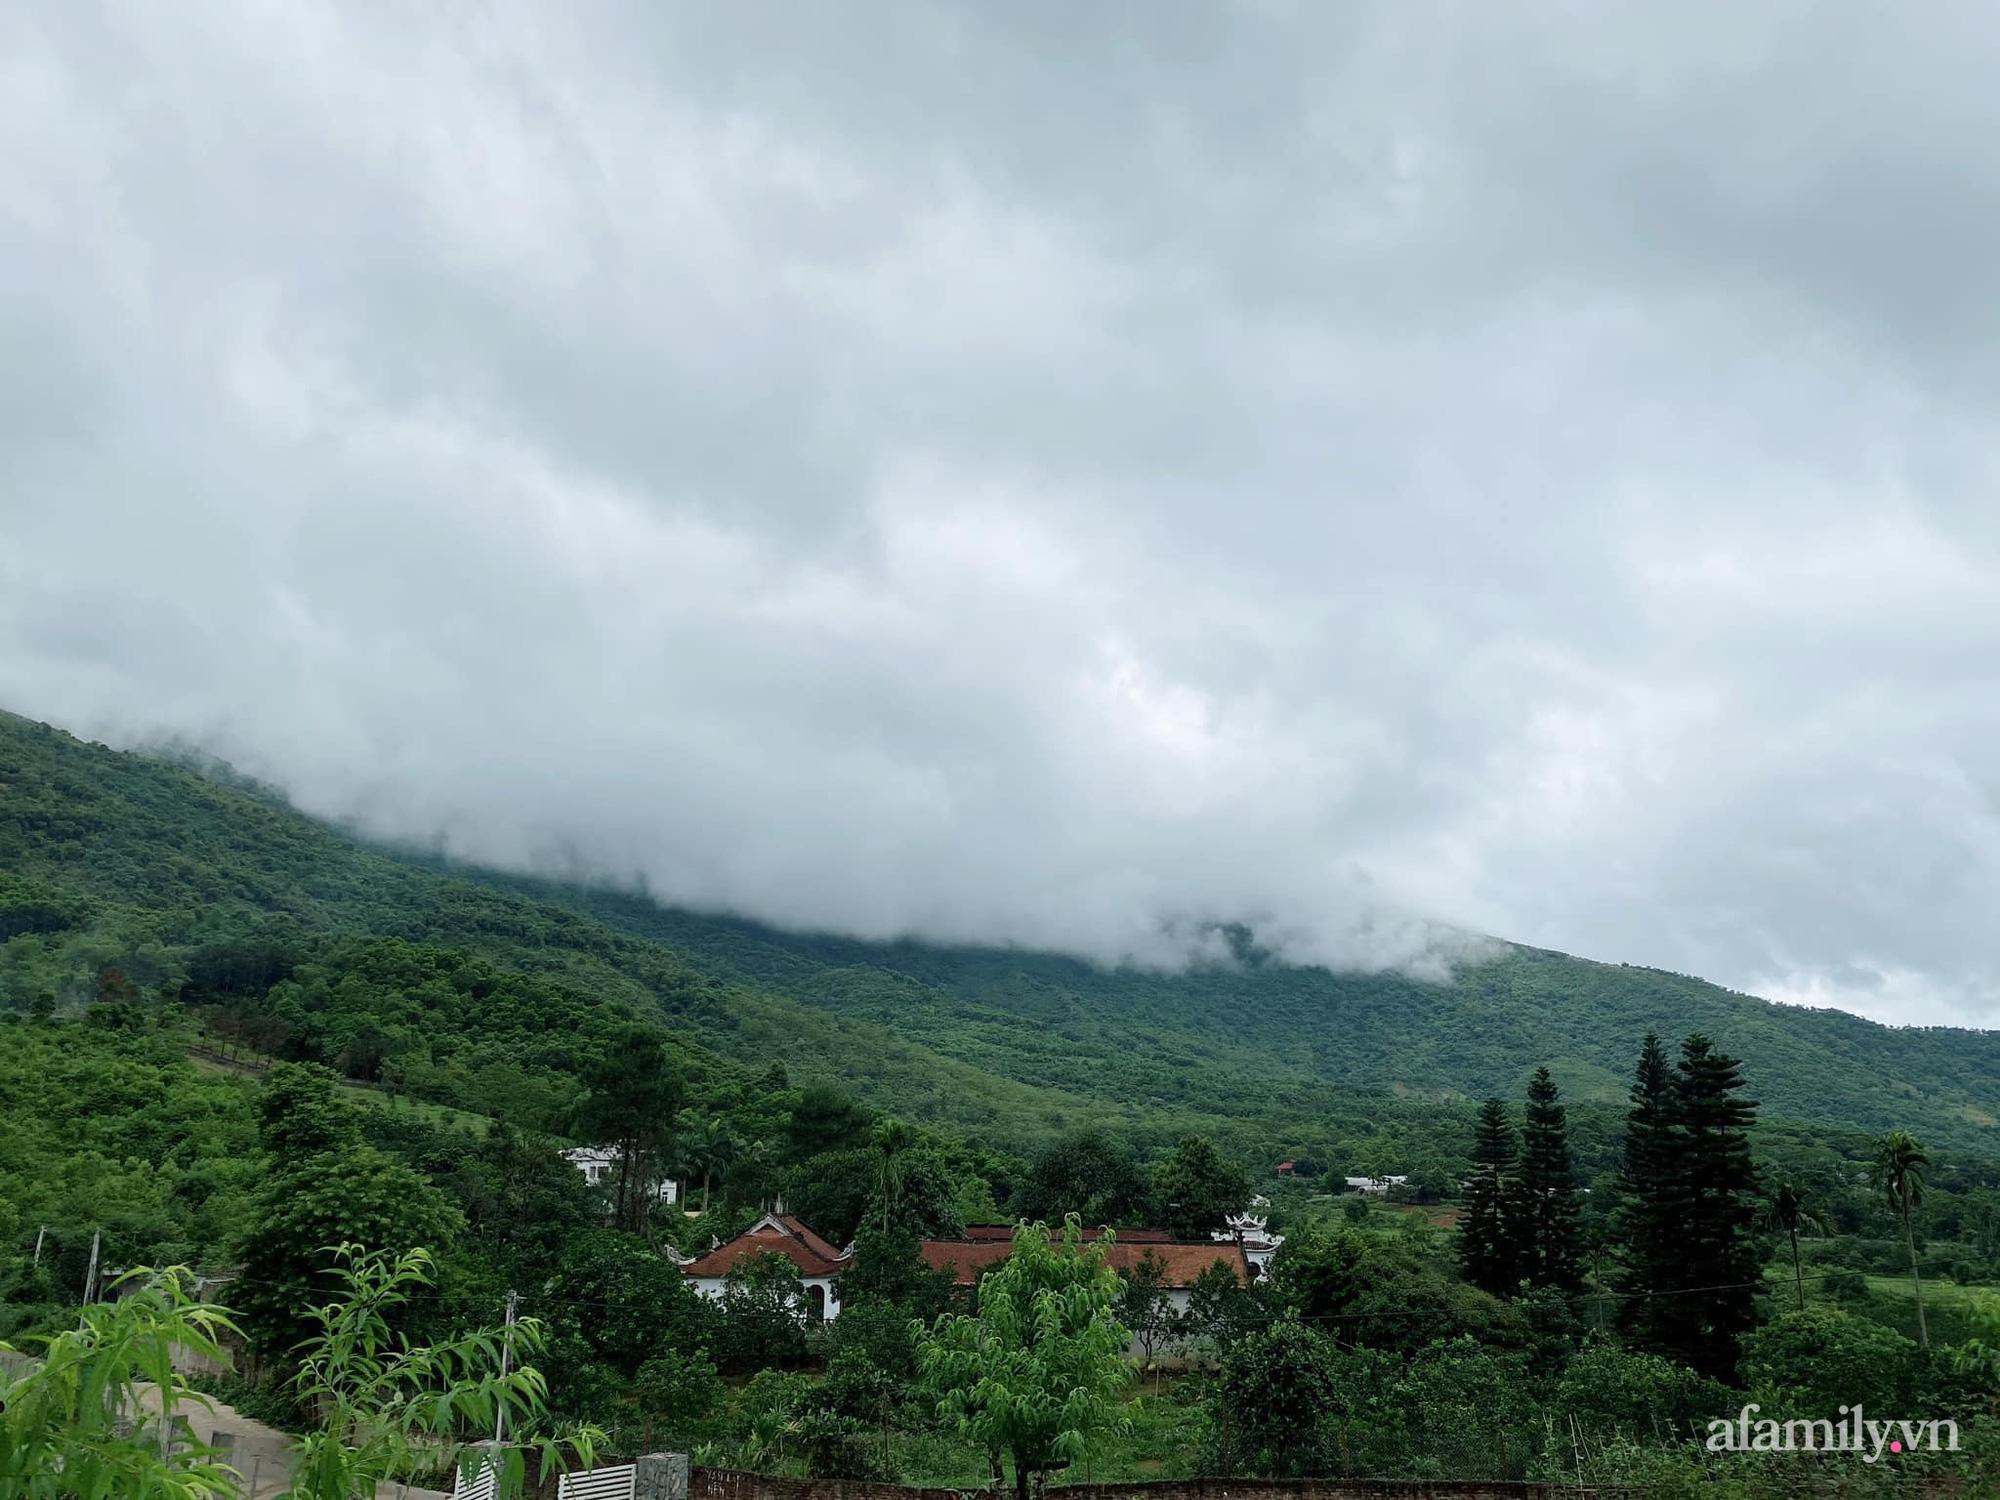 Căn nhà vườn trên núi đẹp an yên, tĩnh lặng với những xanh tươi đẹp đẽ ở ngoại thành Hà Nội - Ảnh 6.